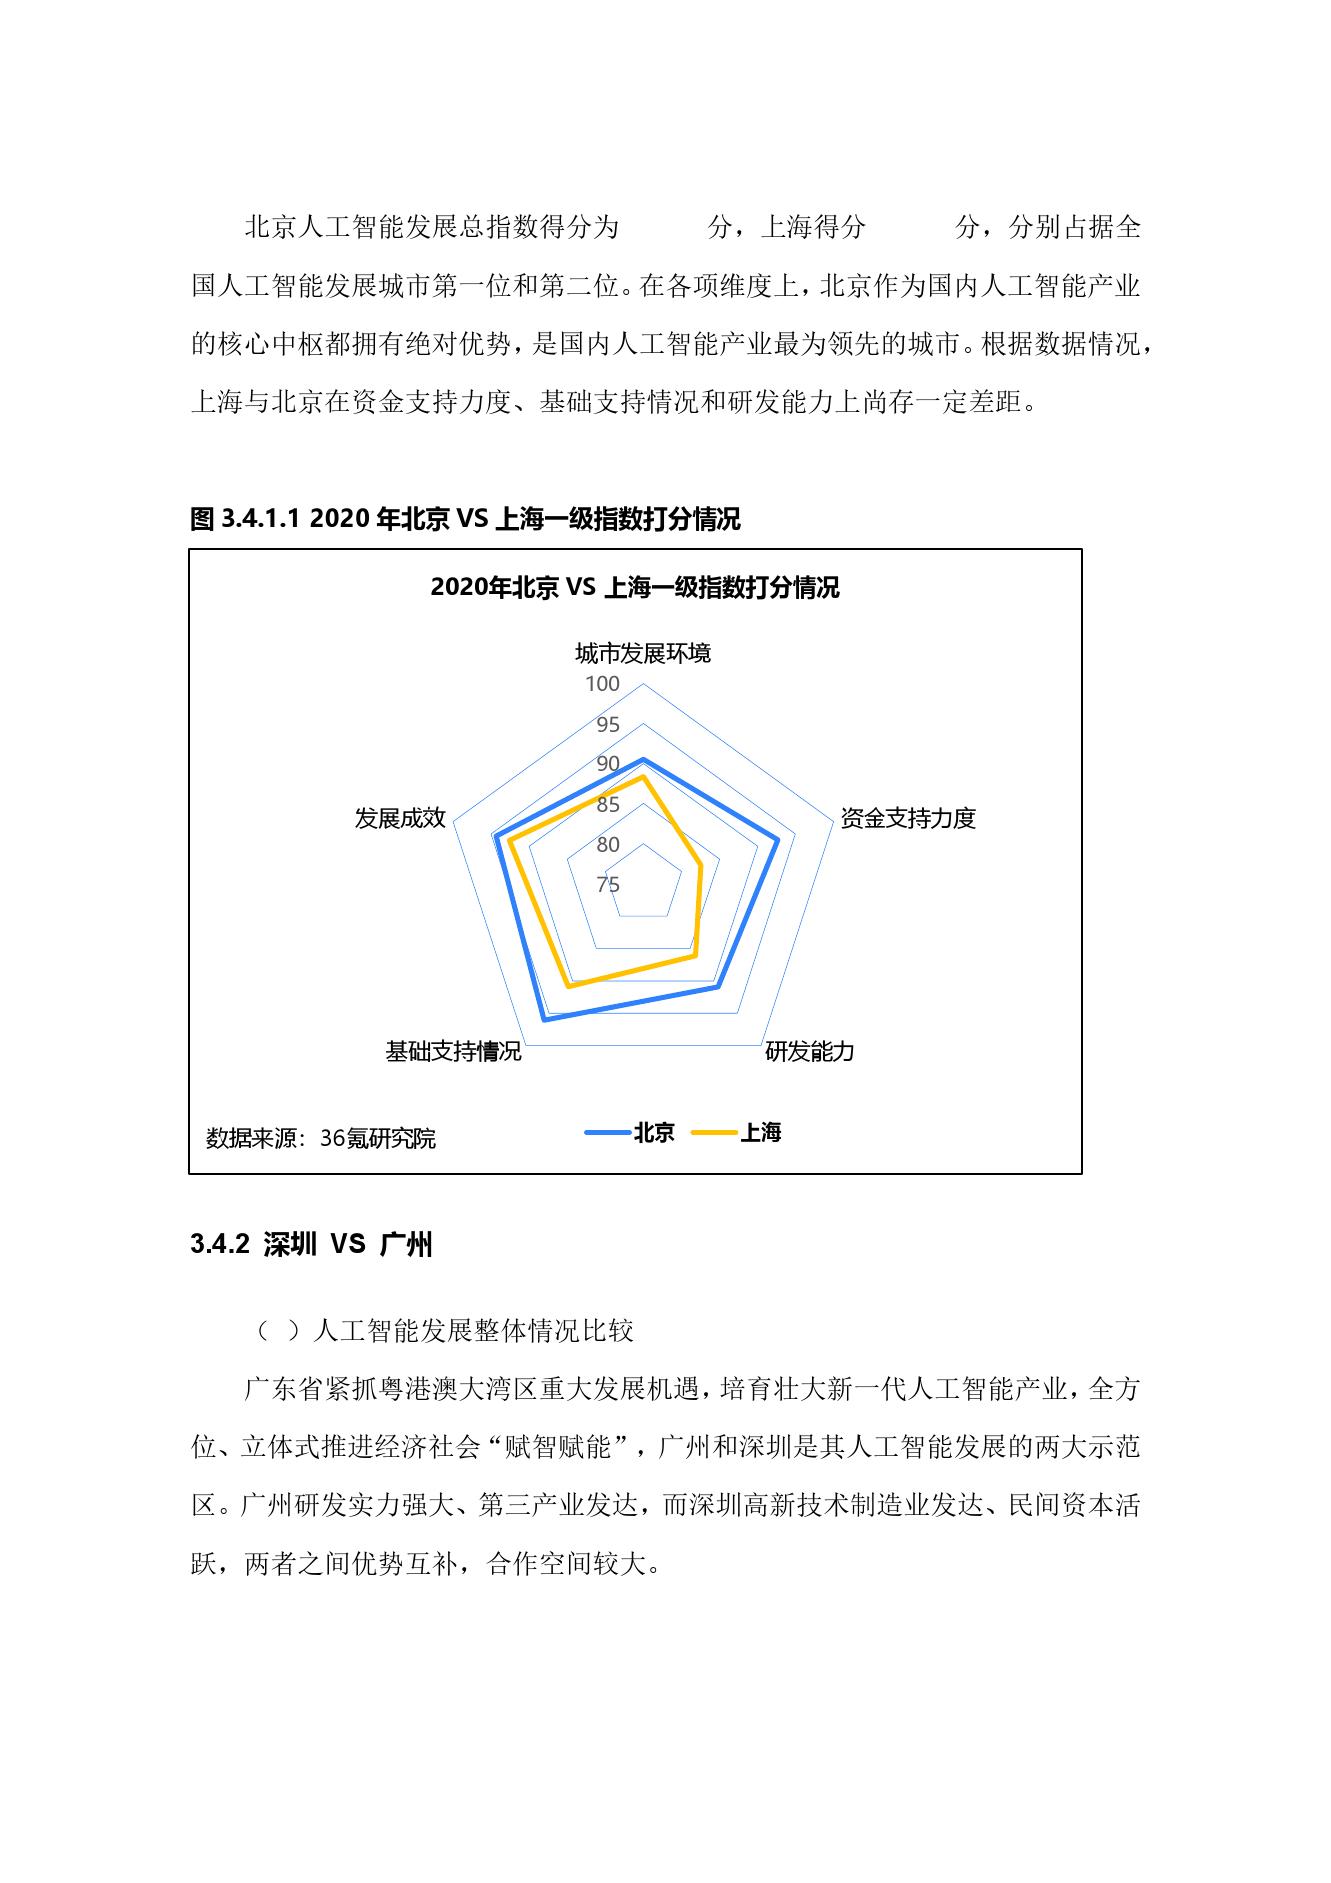 36氪研究院:2020年中国城市人工智能发展指数报告(可下载报告)插图(69)